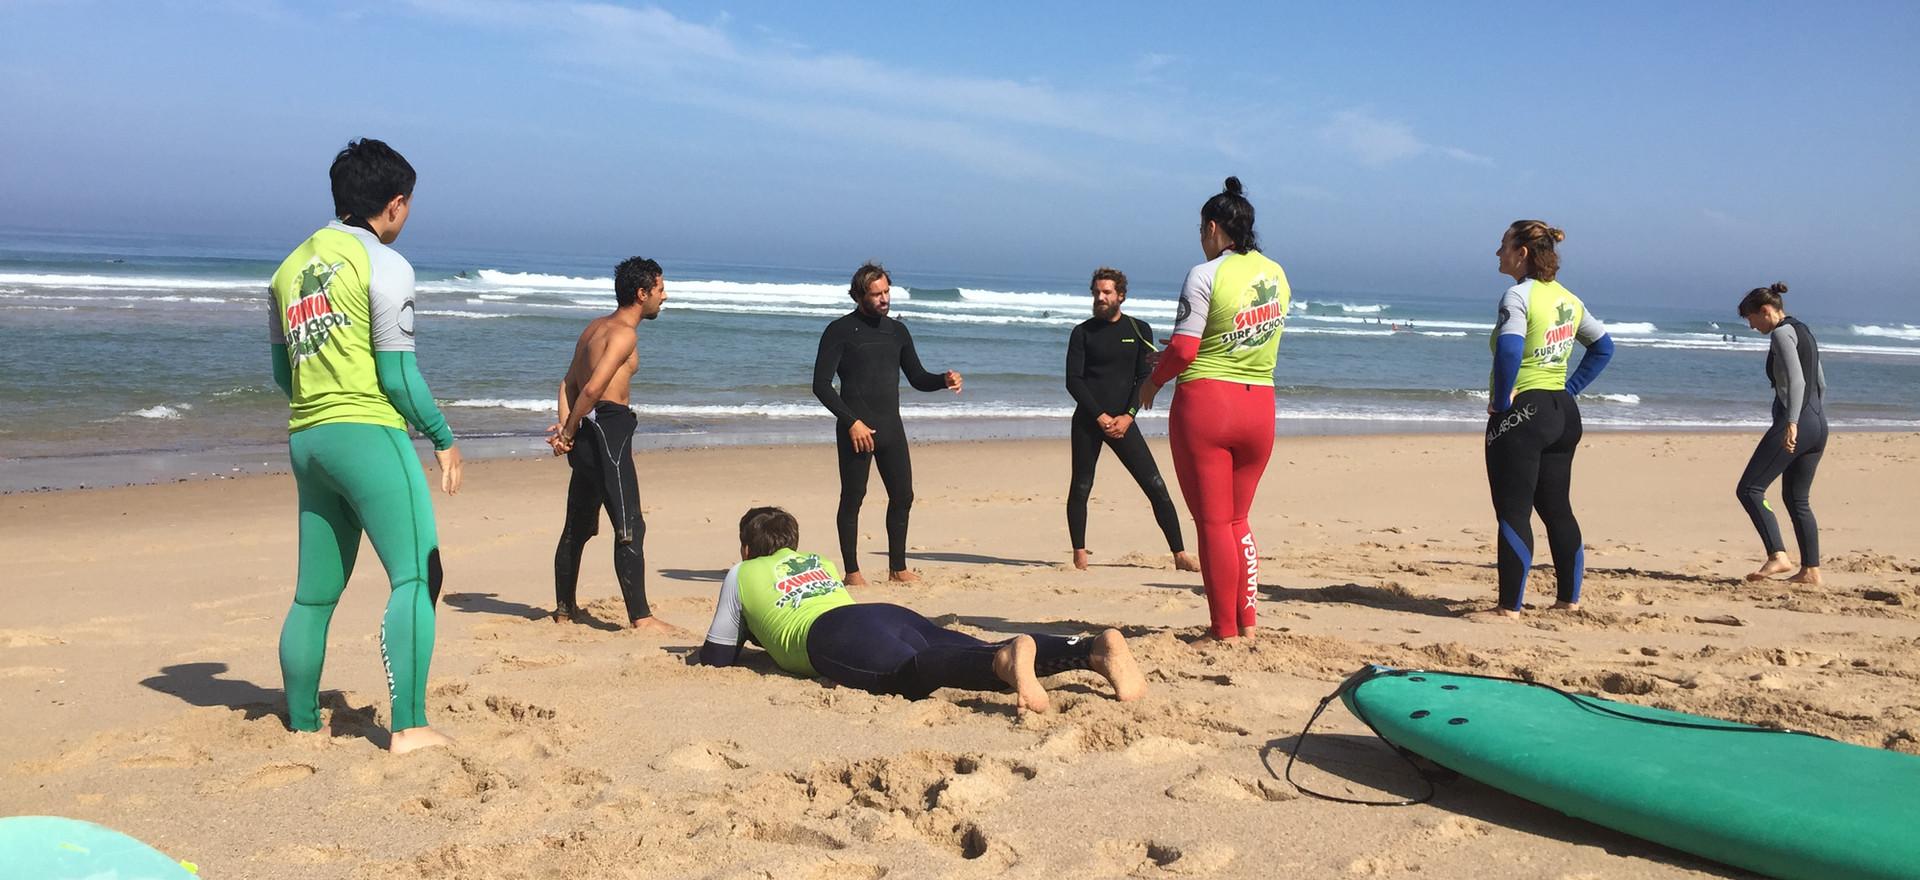 Surf class at the praia grande beach